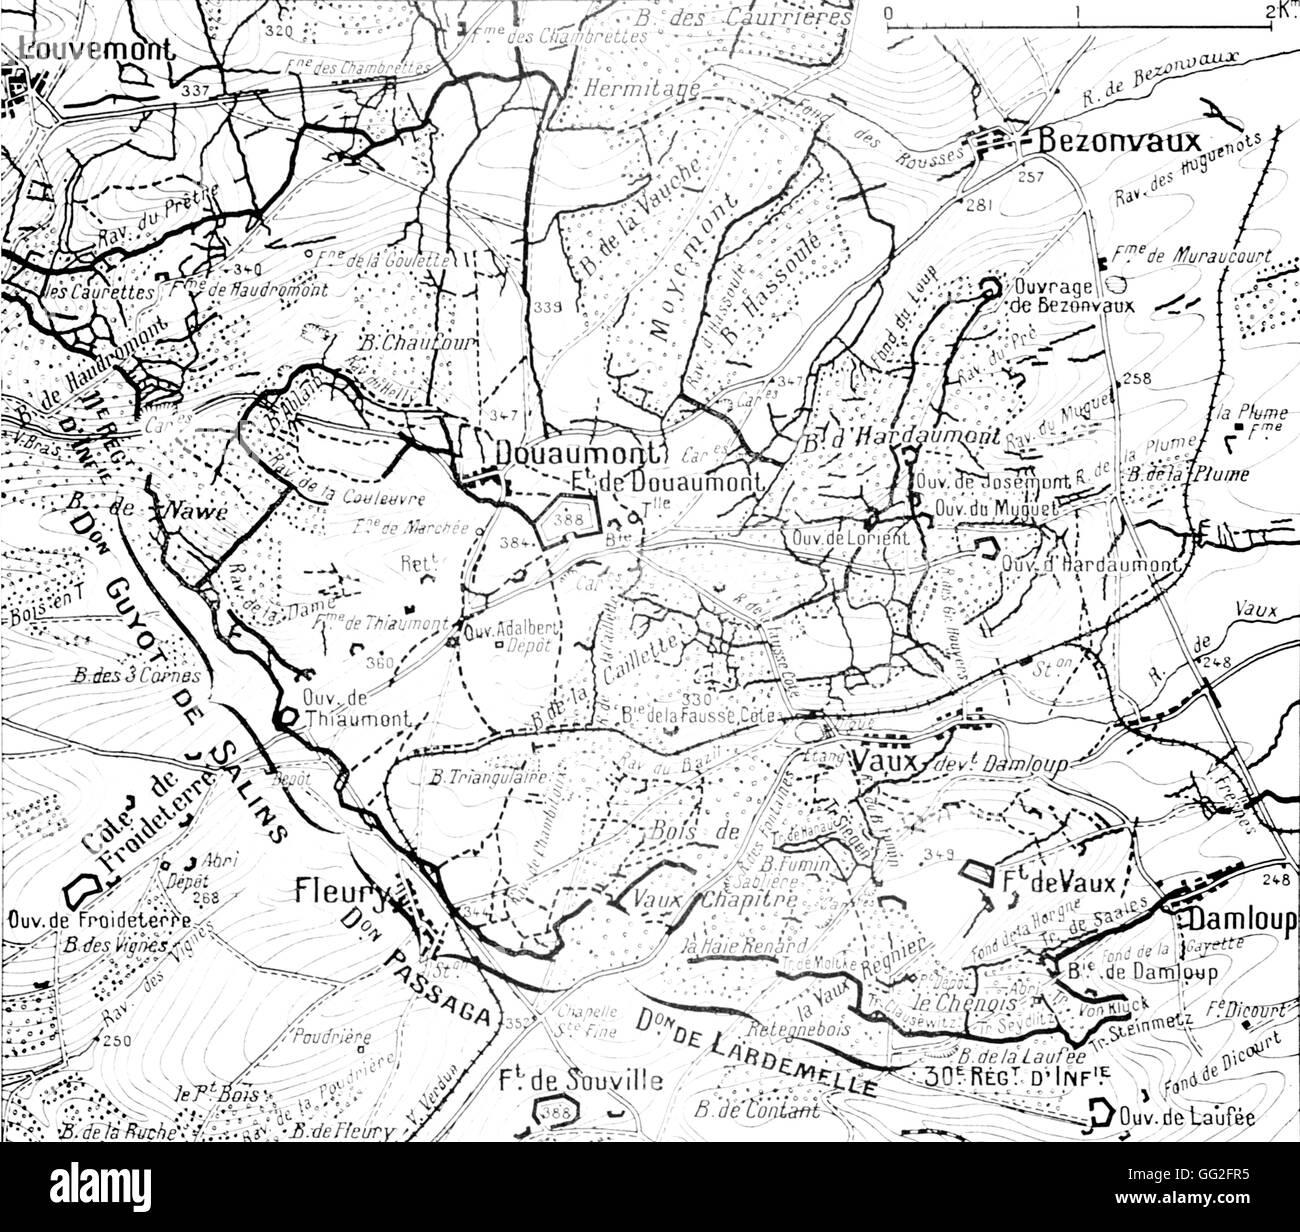 Batalla De Verdun Mapa.La Primera Guerra Mundial Mapa De Posiciones En El Momento